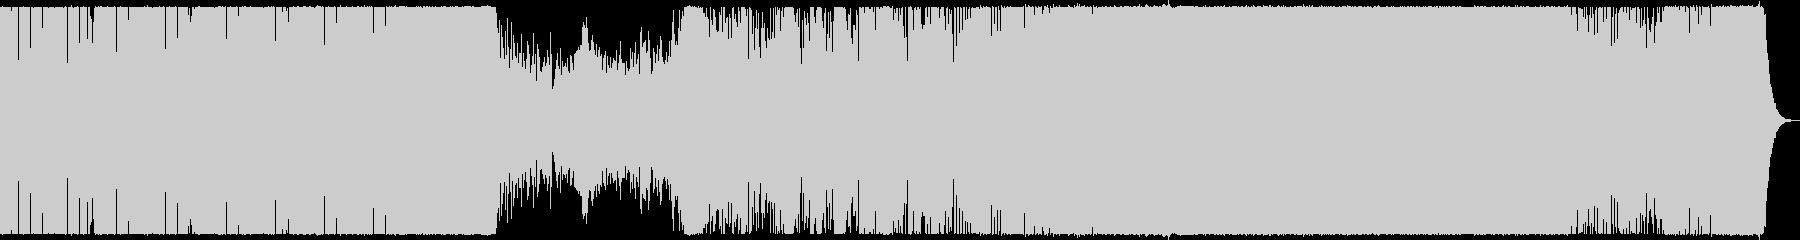 鮮やかな感傷のプログレッシブハウス。の未再生の波形